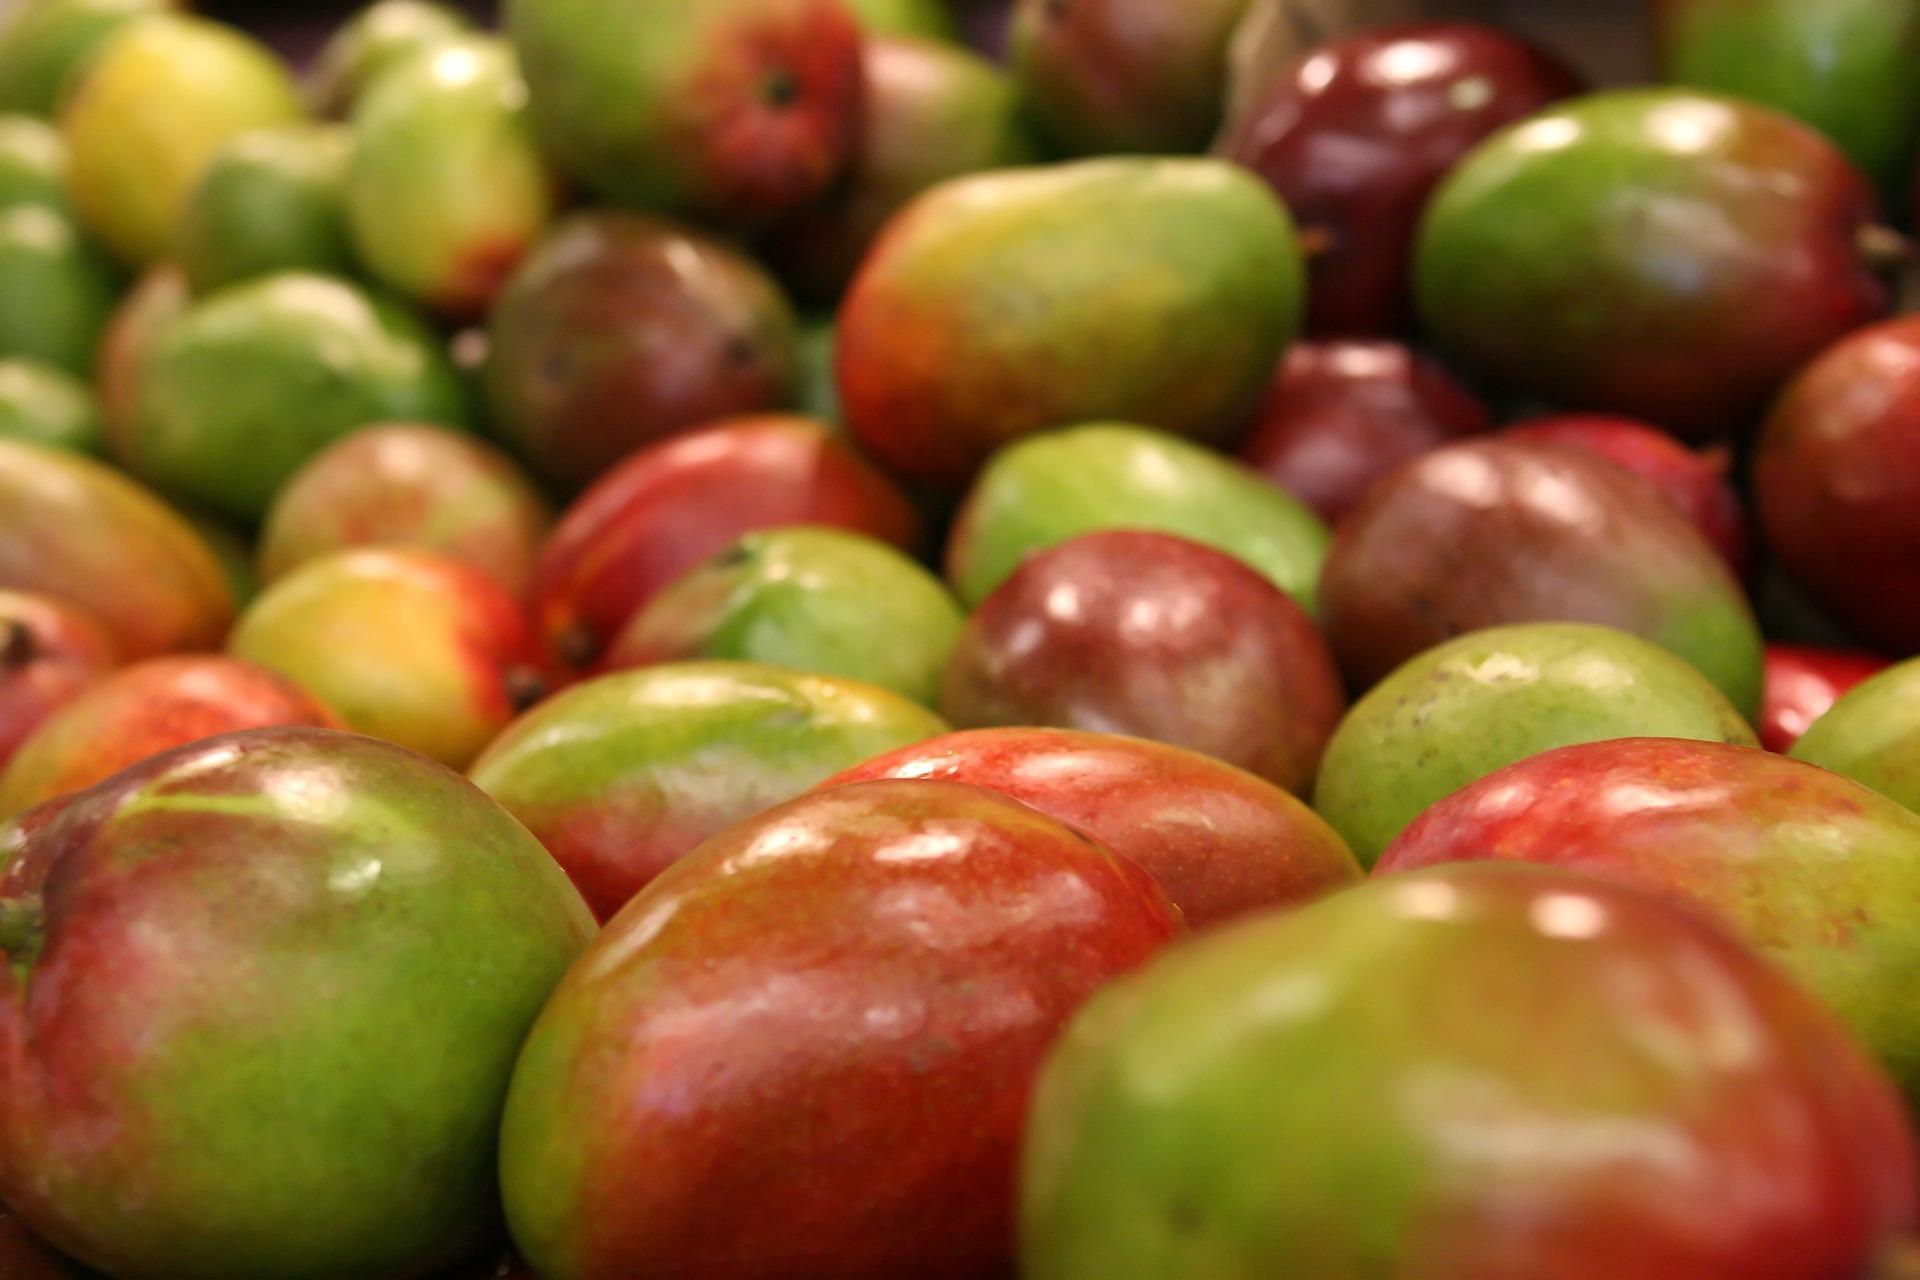 Imagen correspondiente al post sobre propiedades del mango y sus beneficios de Frutas Olivar